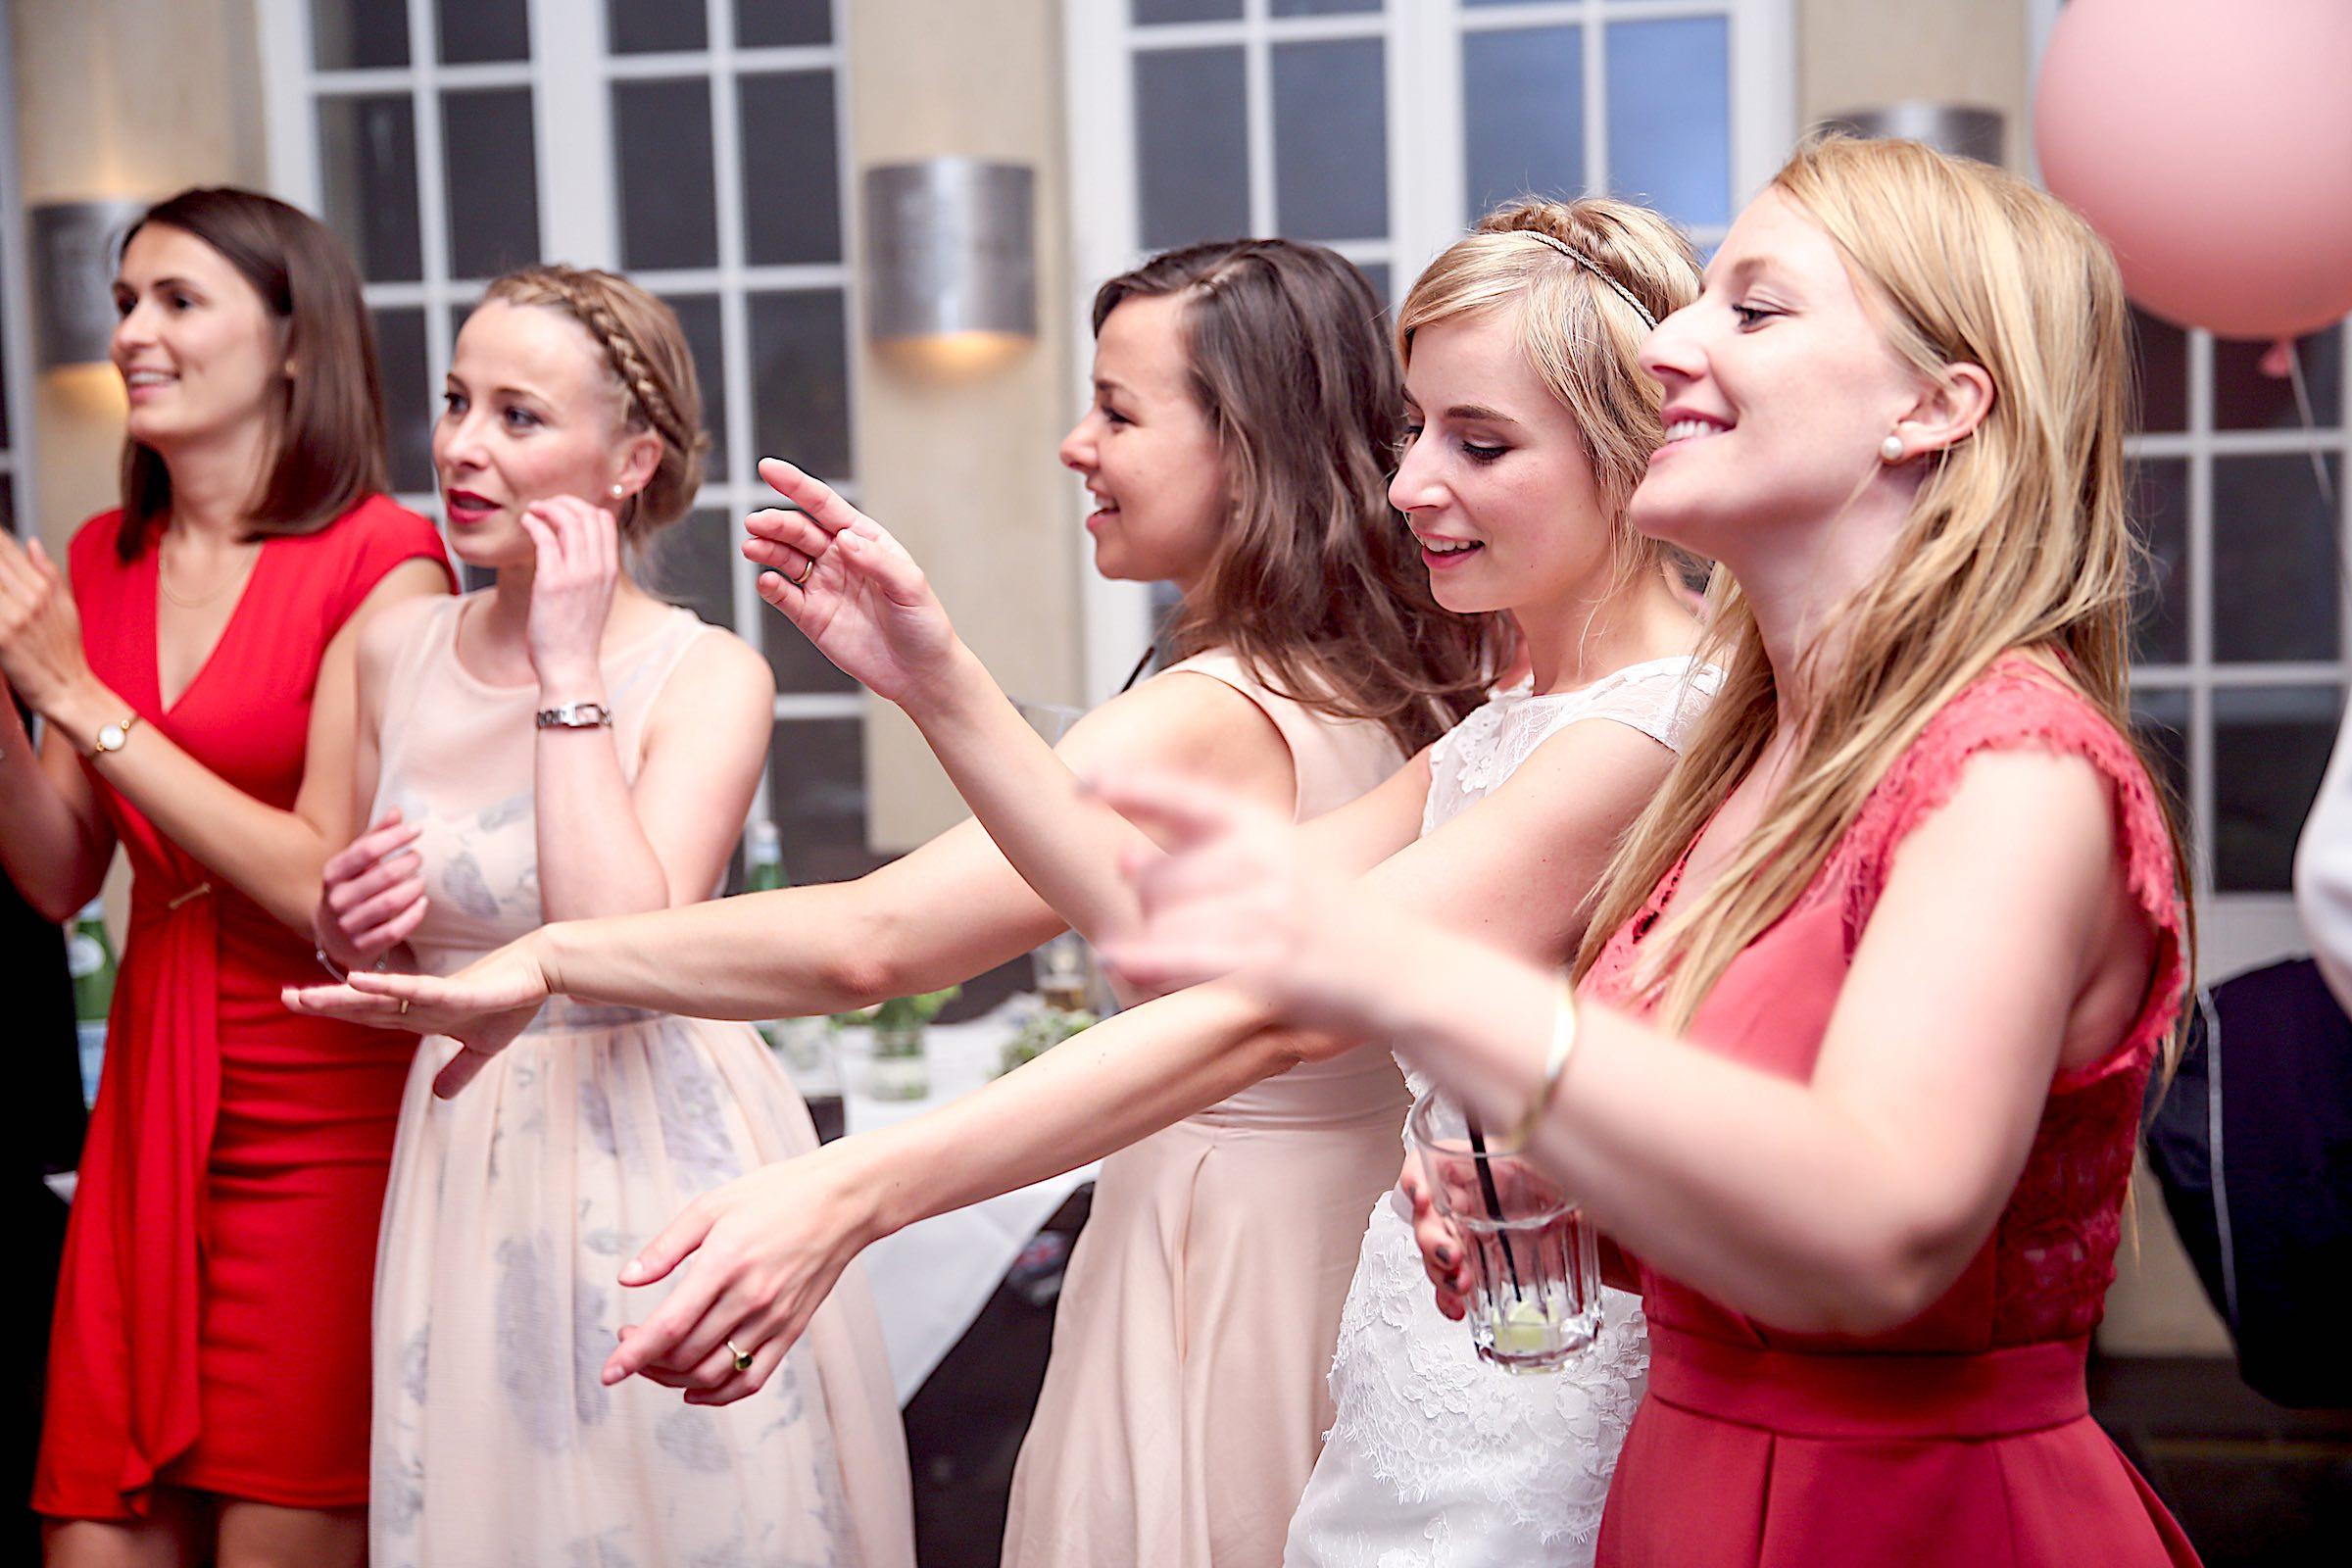 Schloss | Hammerstein | Apelern | Hochzeit | Geburtstag | Firmenfeier | Referenz | Location | DJ | Timm | Lehmann | DJ | Hannover | Party | DJ | Hochzeitsplaner | Lehmann | Eventservice